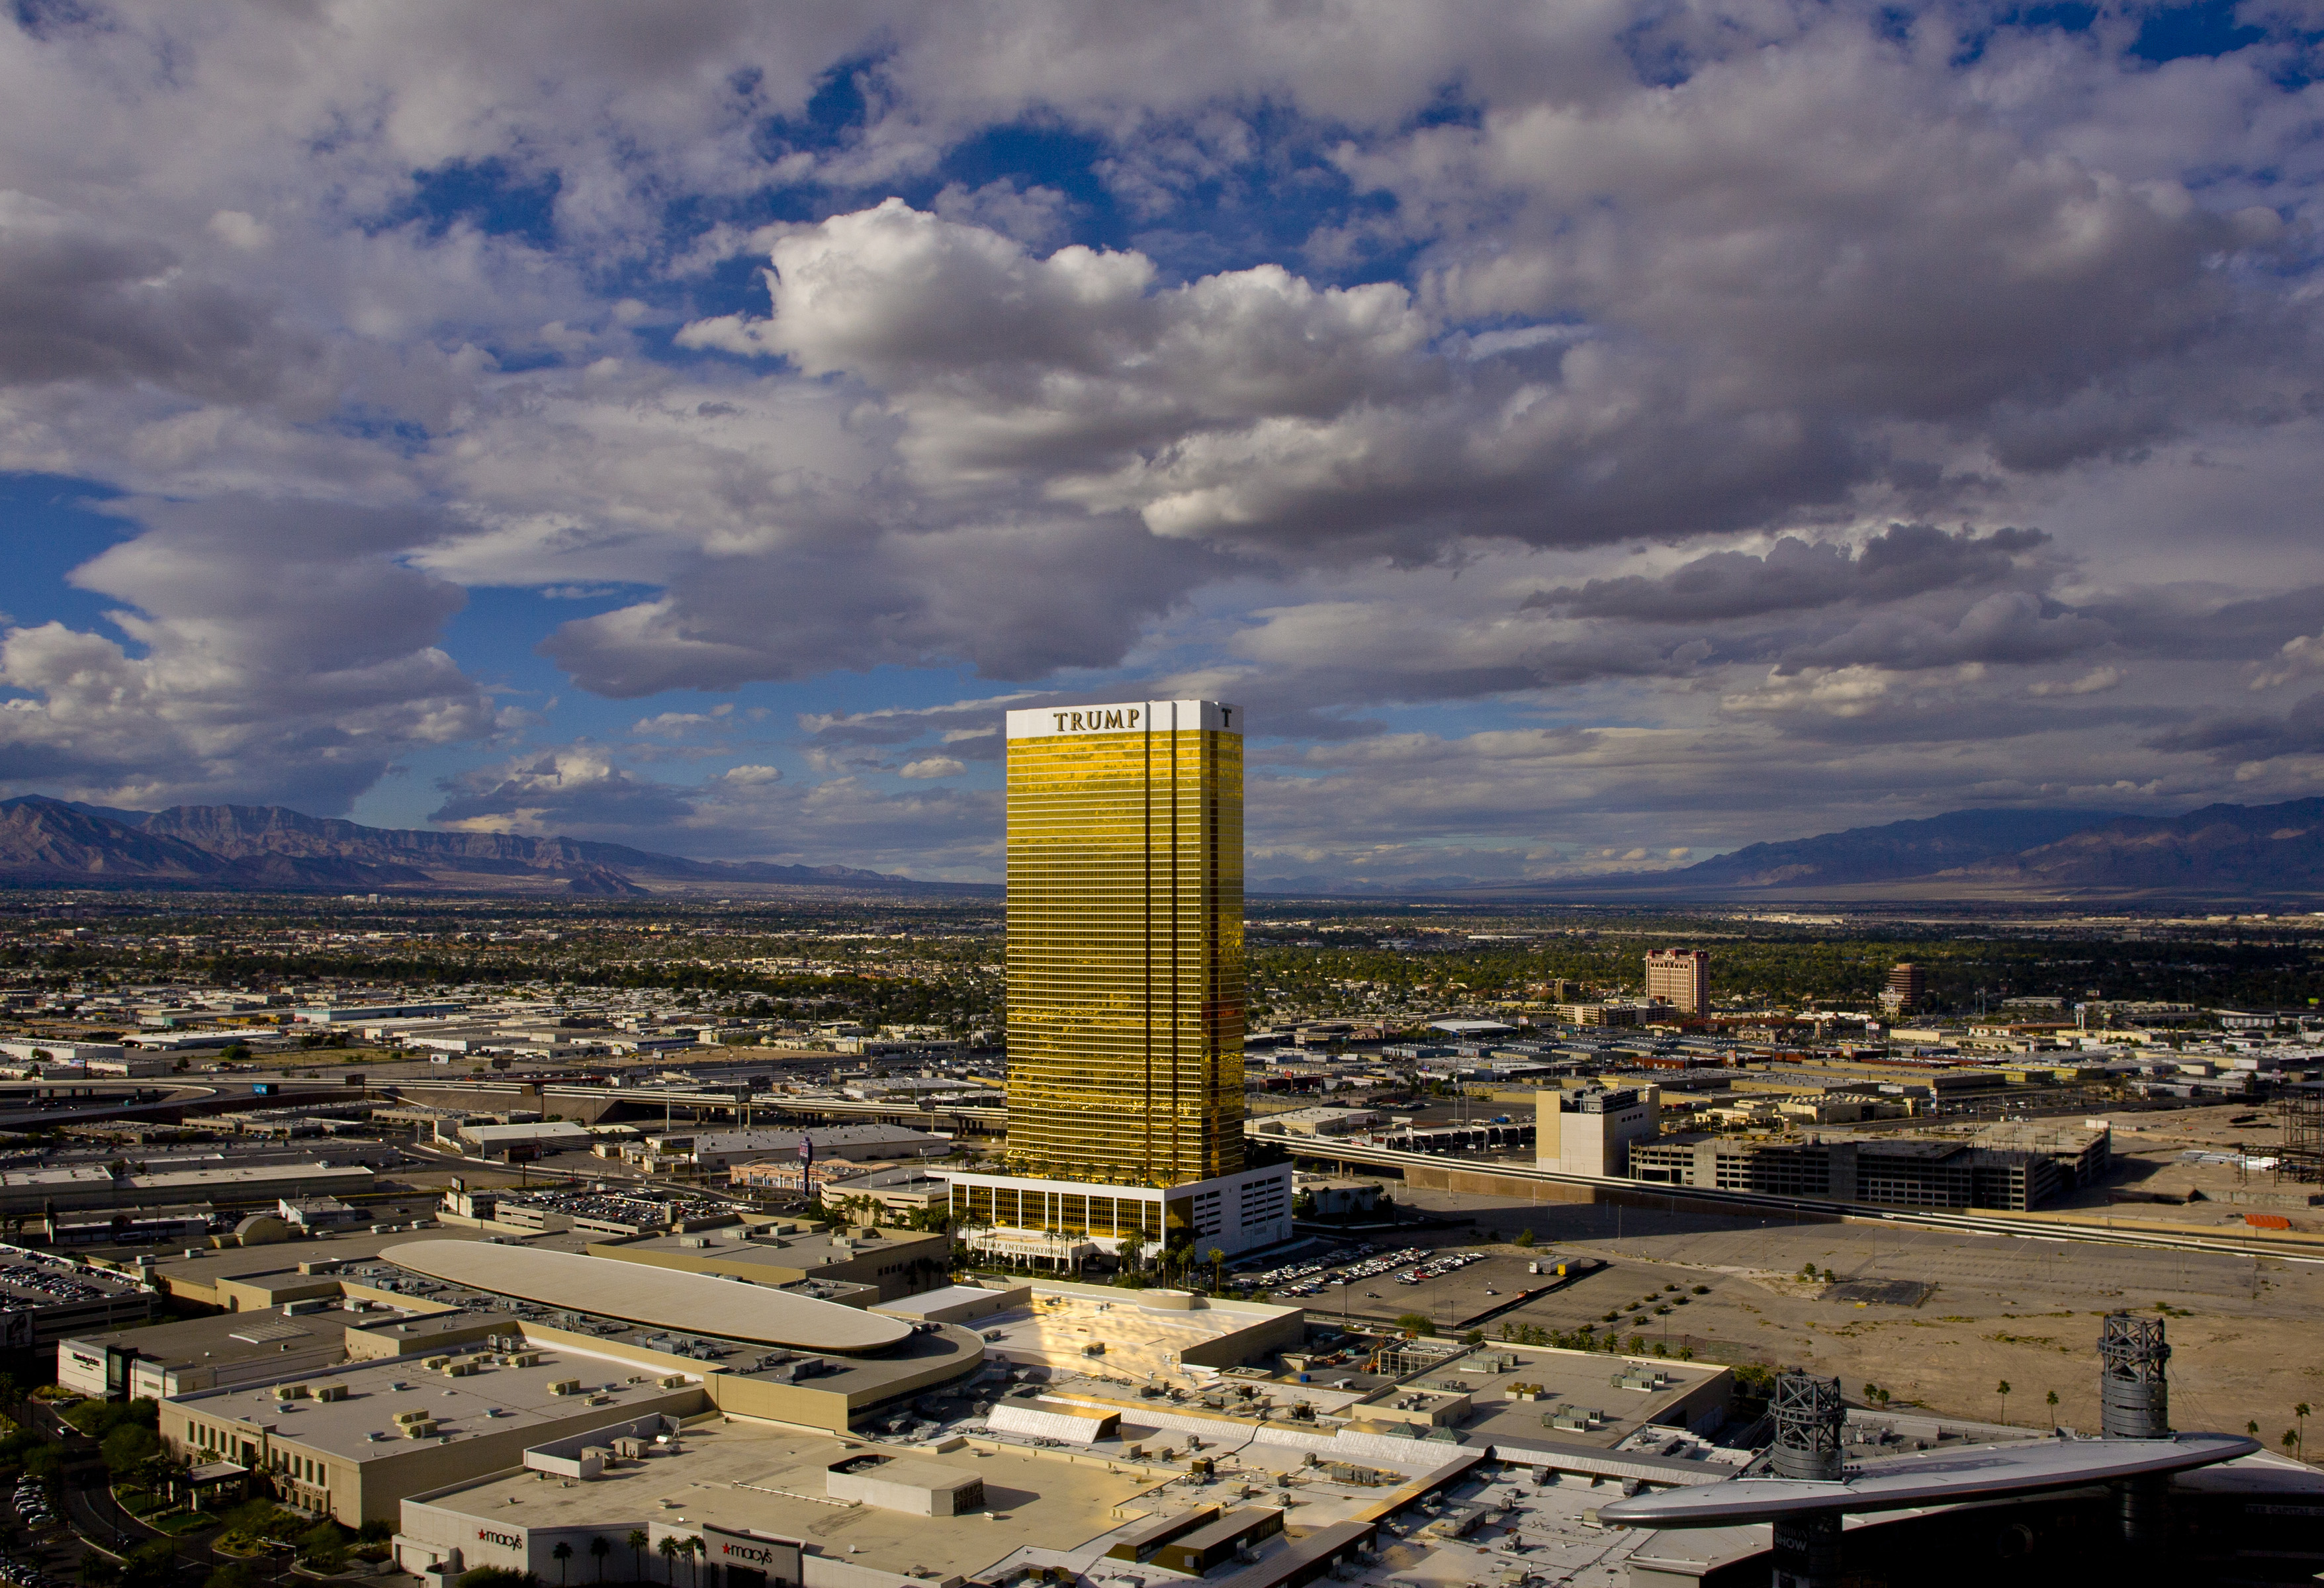 Las Vegas Trump